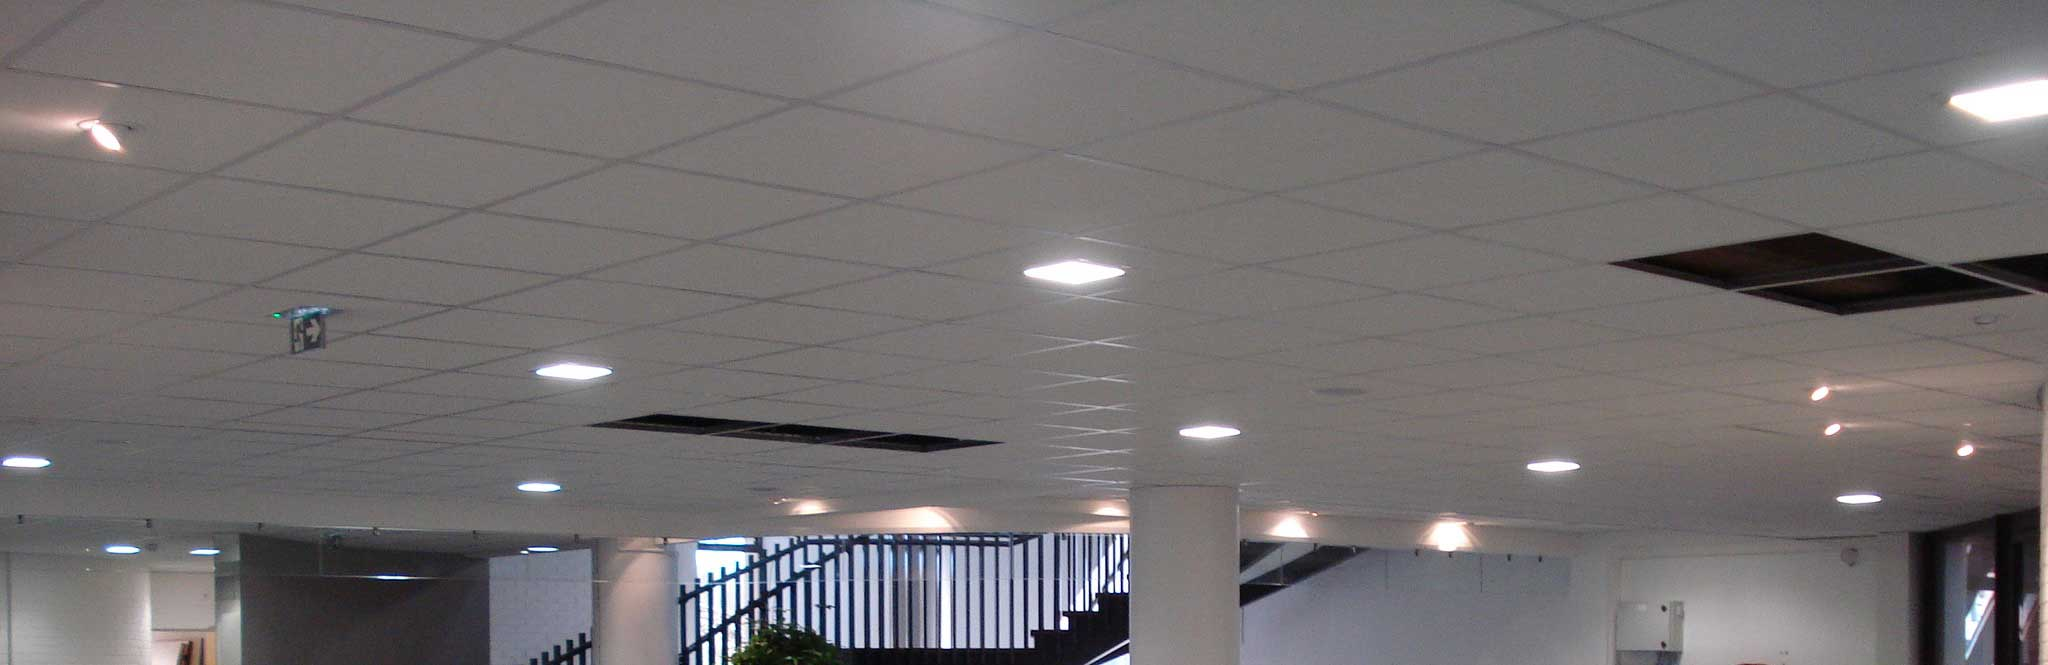 a_plafond_suspendu_6